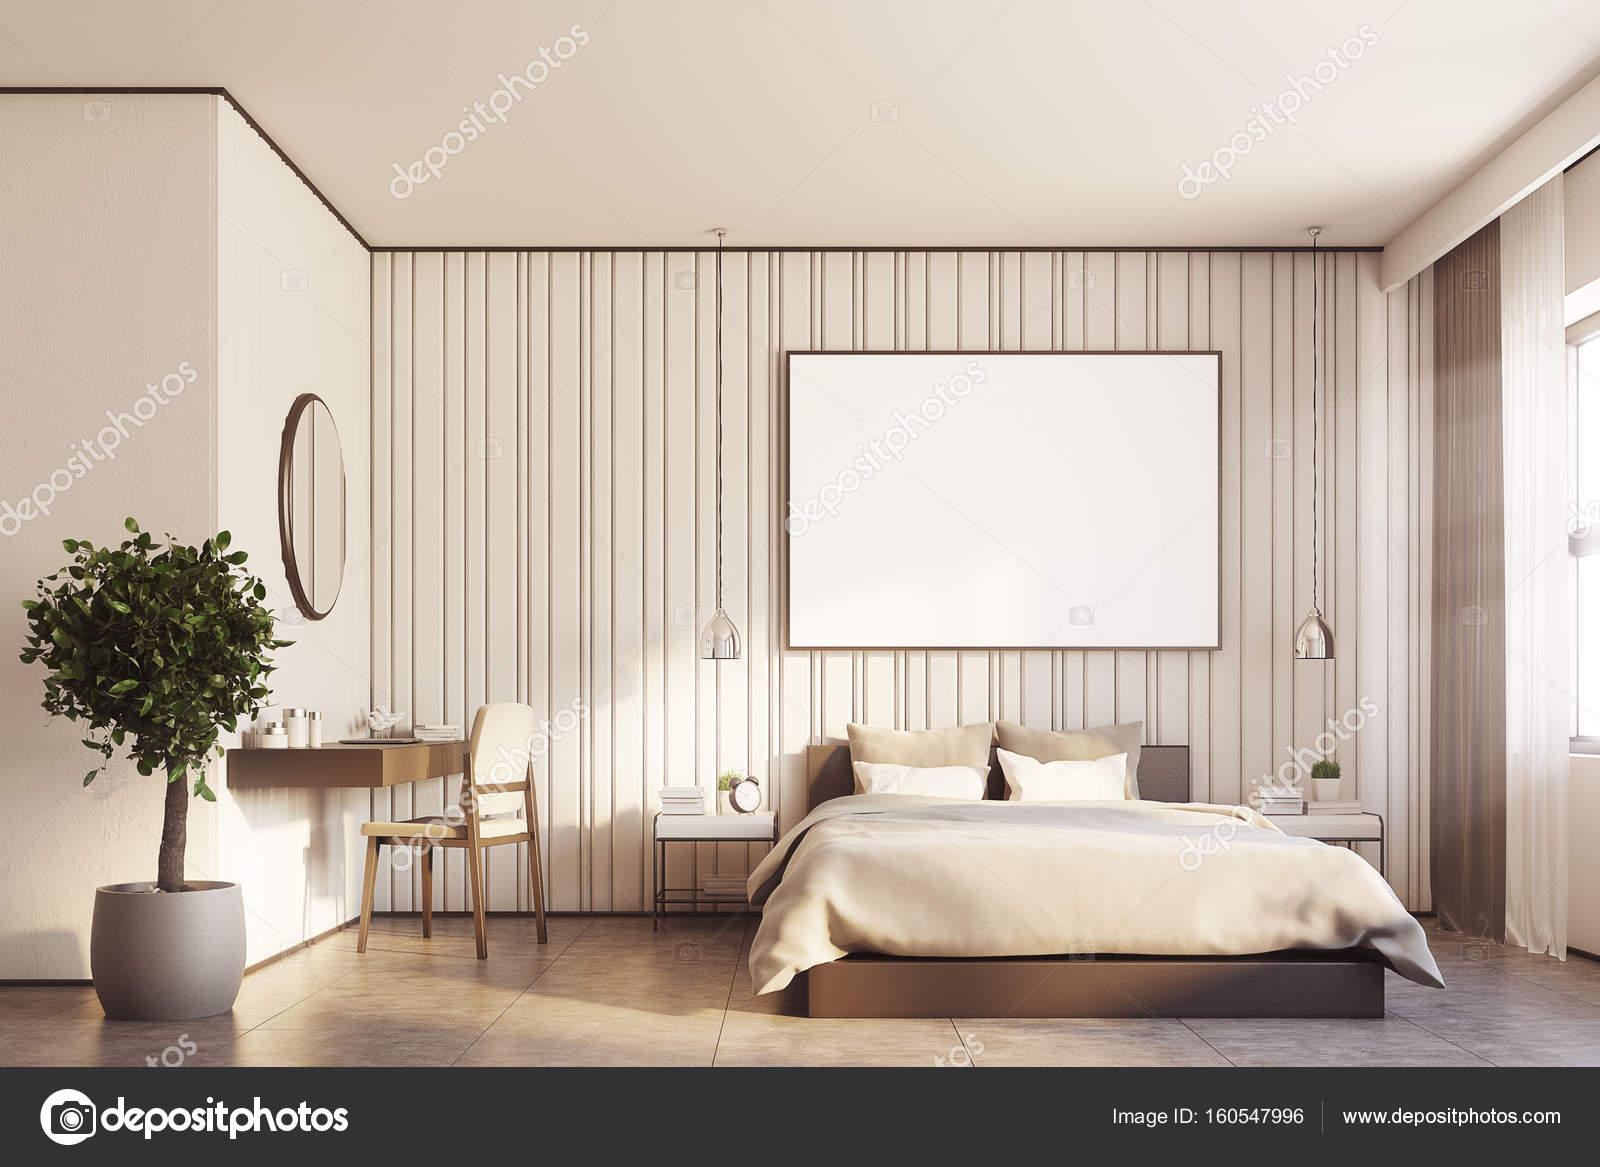 Grote Posters Slaapkamer : Beige slaapkamer met een grote poster u stockfoto denisismagilov